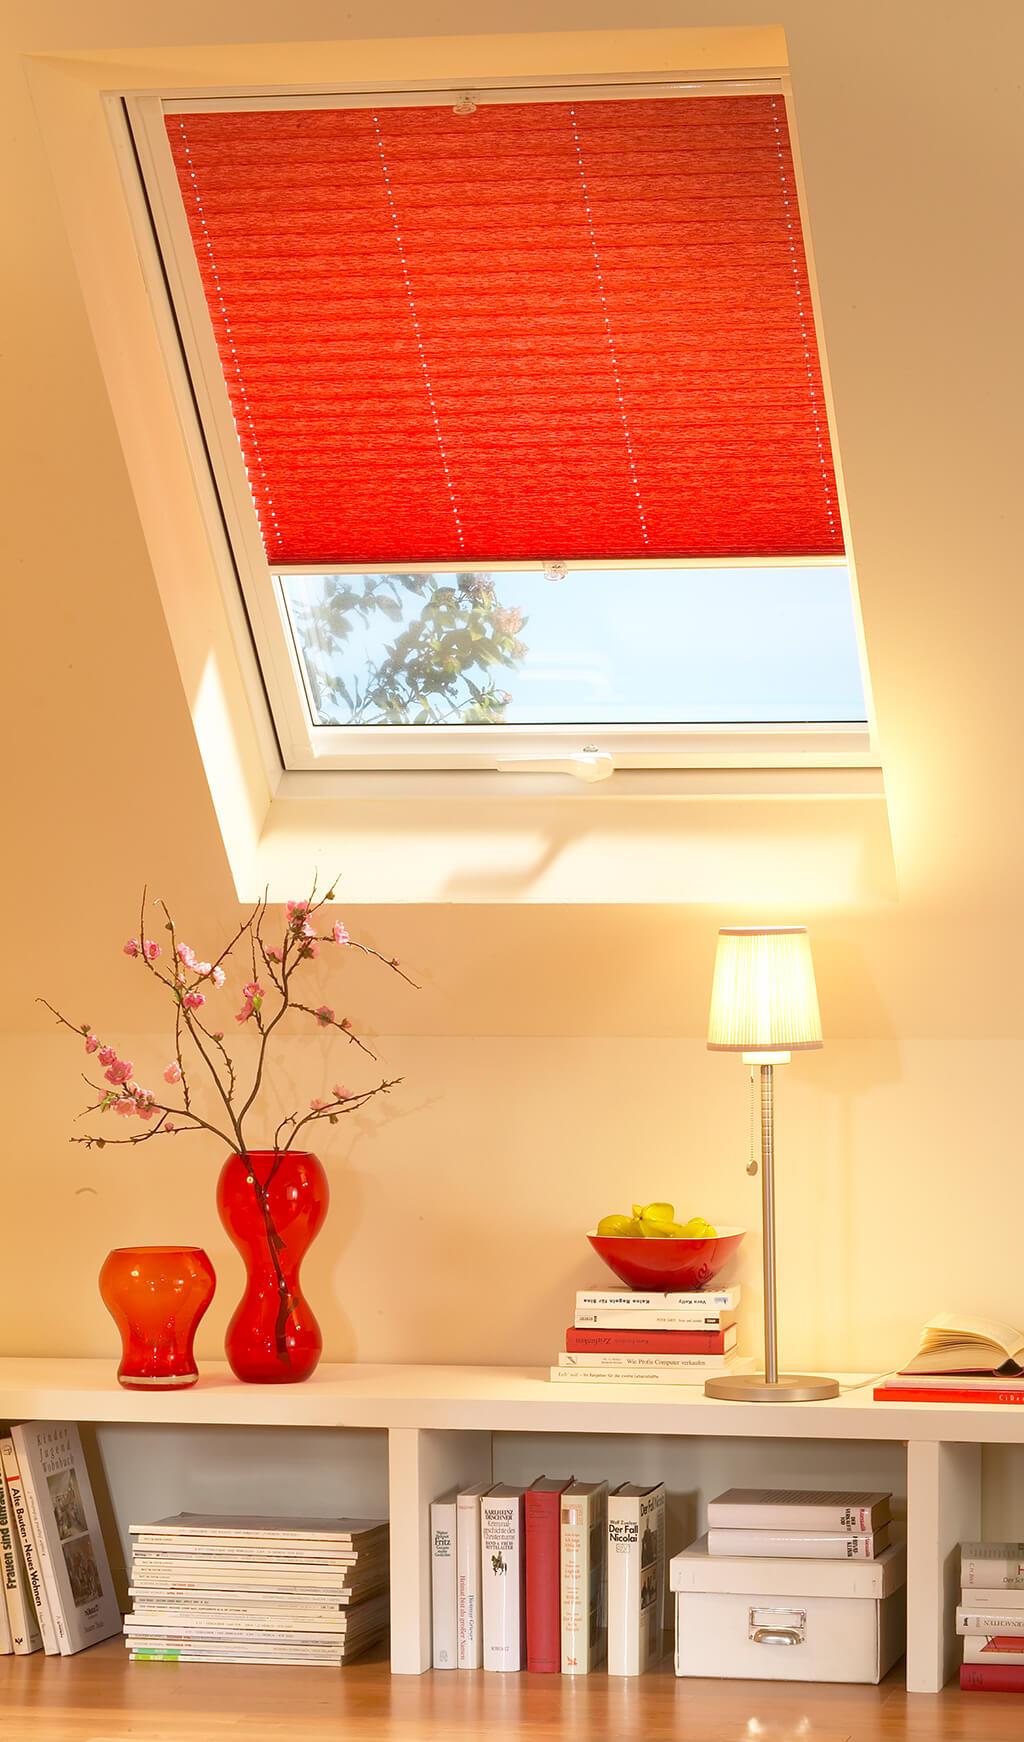 Rotes Plissee am Dachfenster im Wohnzimmer von unten leicht geöffnet